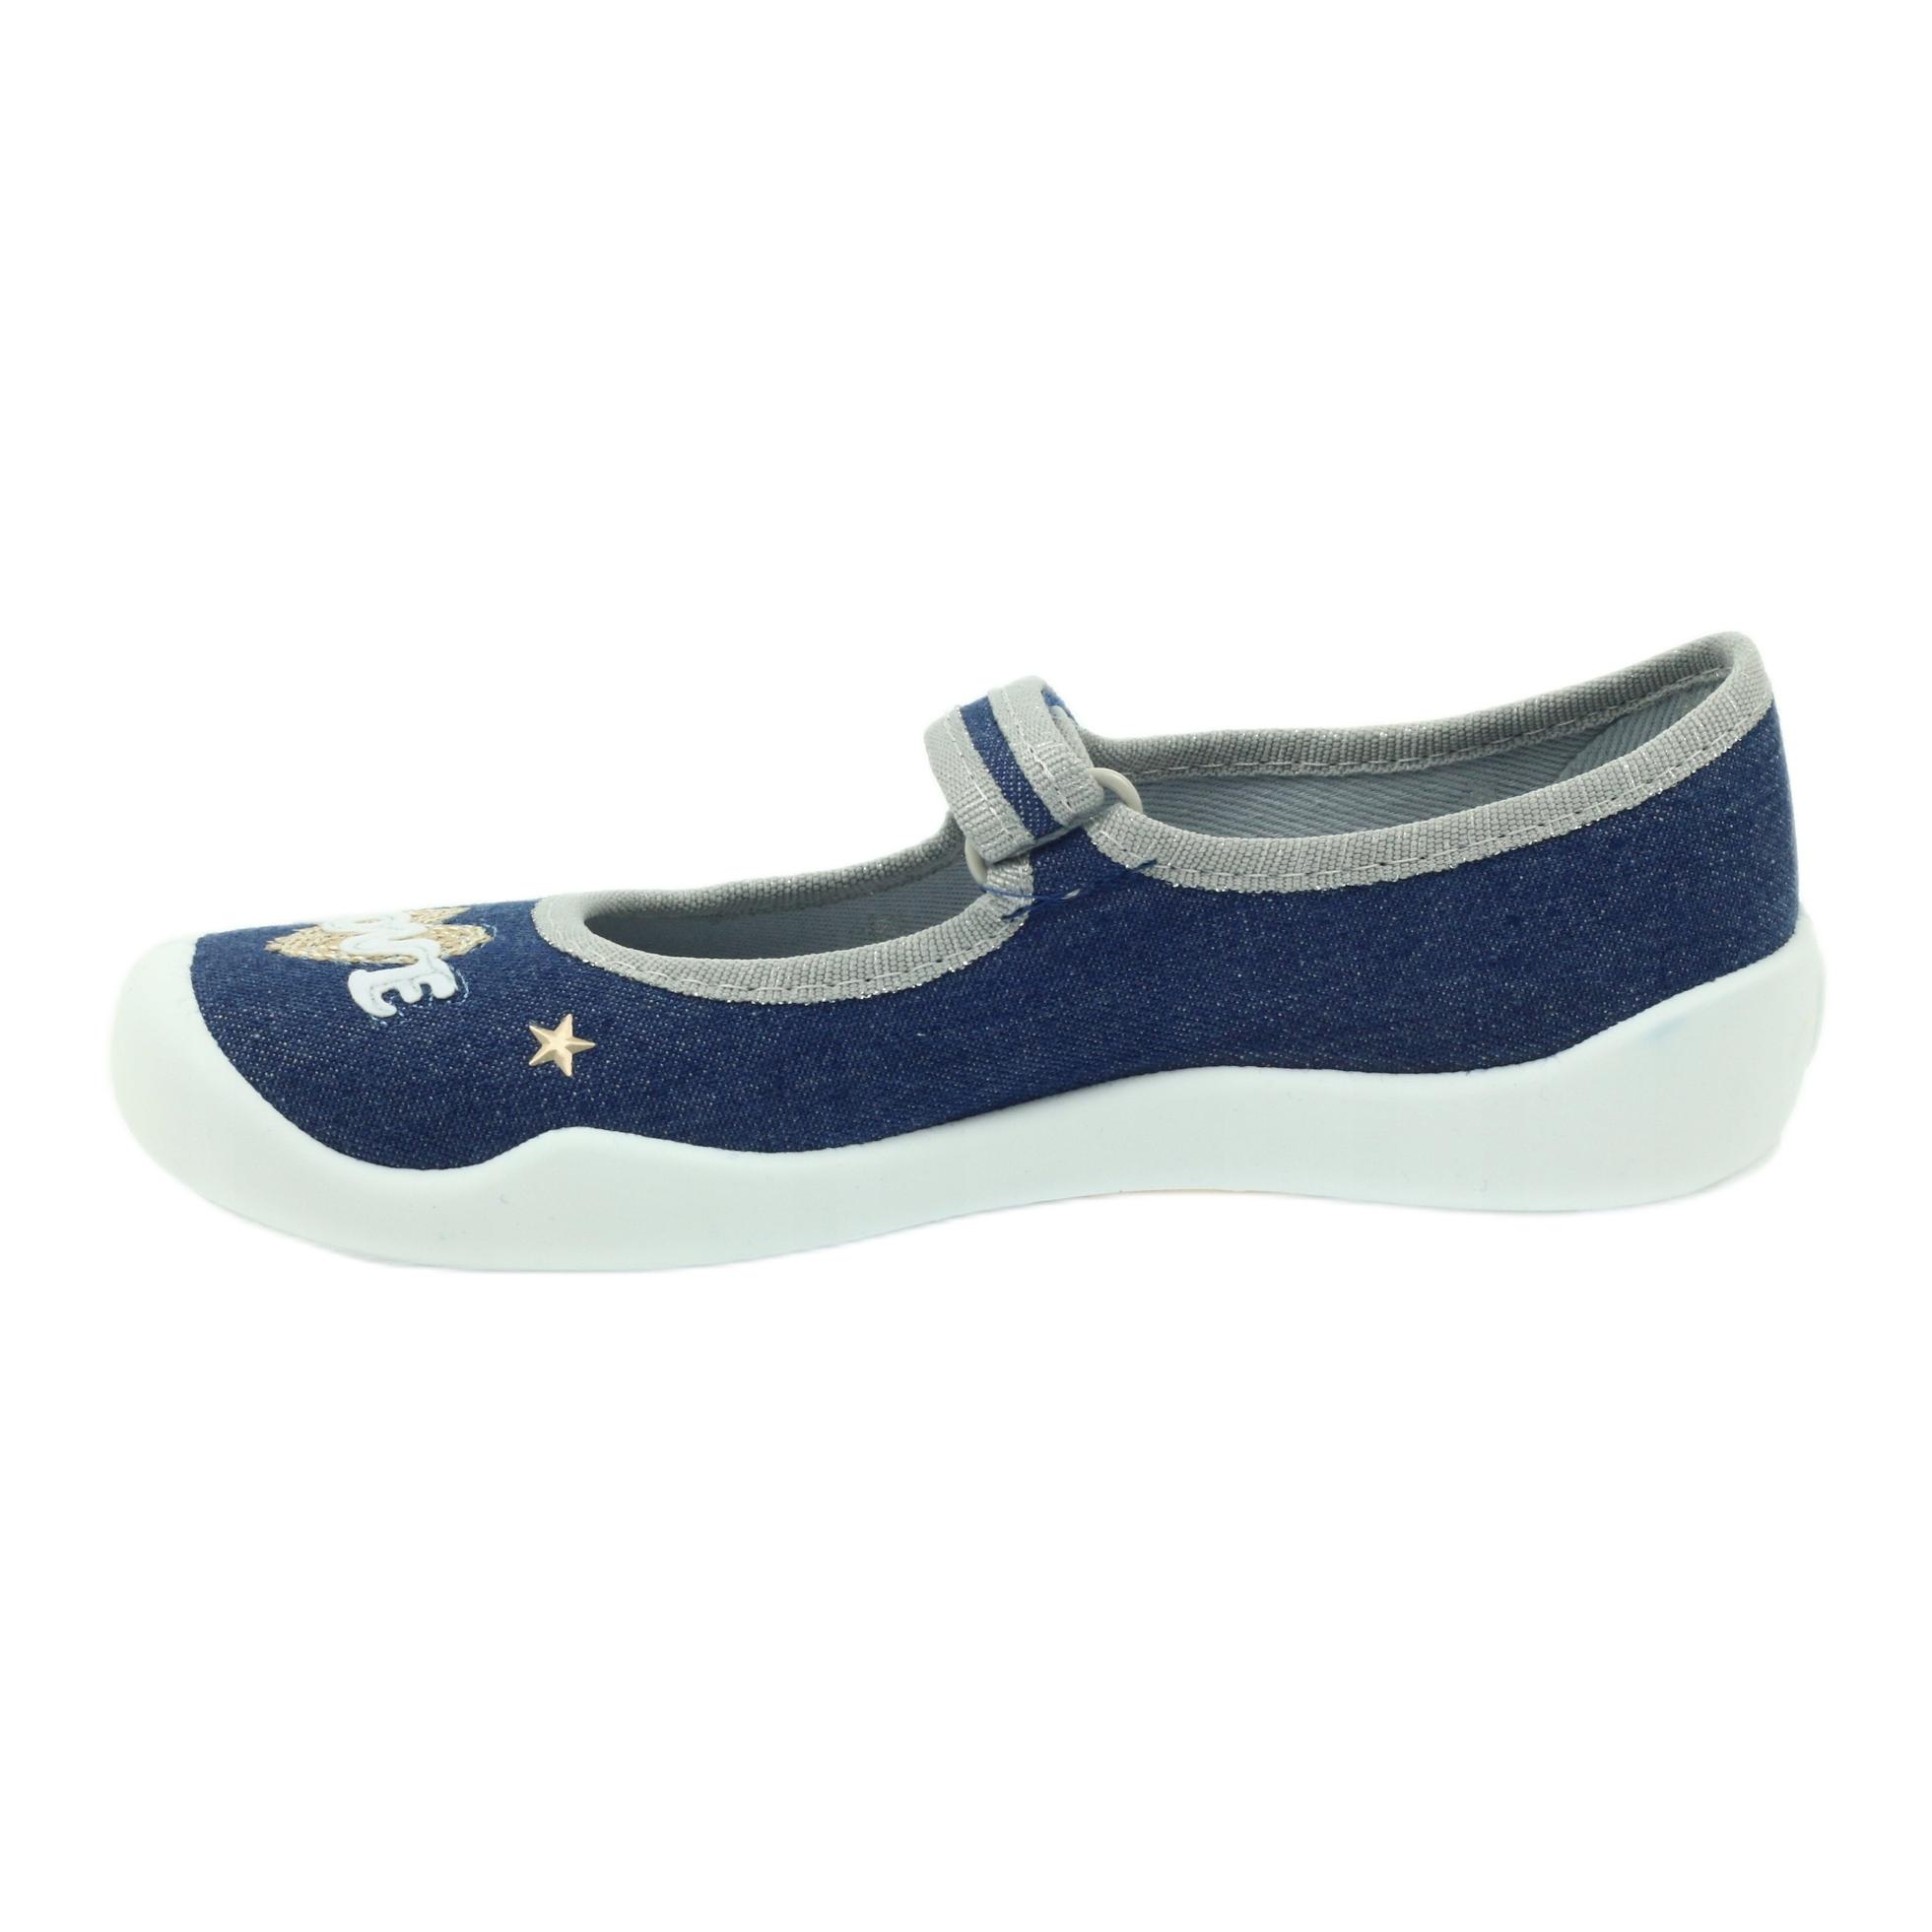 miniatura 4 - Scarpe per bambini Befado 114Y313 blu grigio